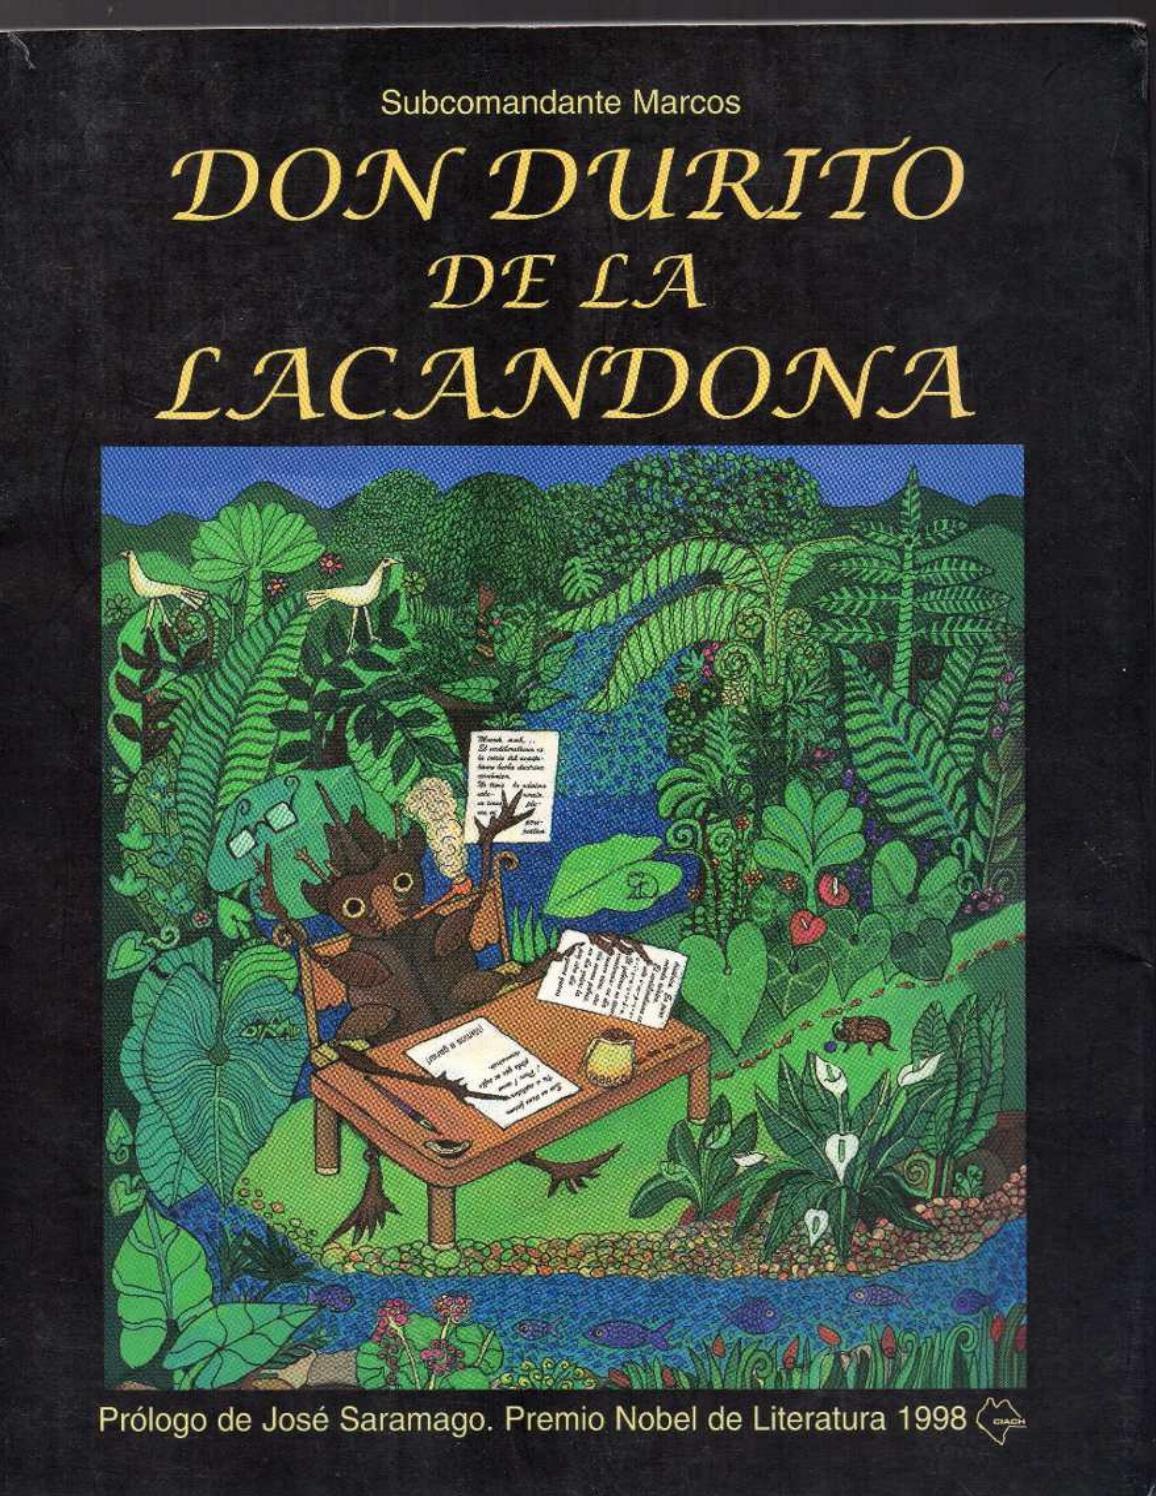 Don Durito de Lacandona - Subco Marcos by Jocha Castro Videla - issuu